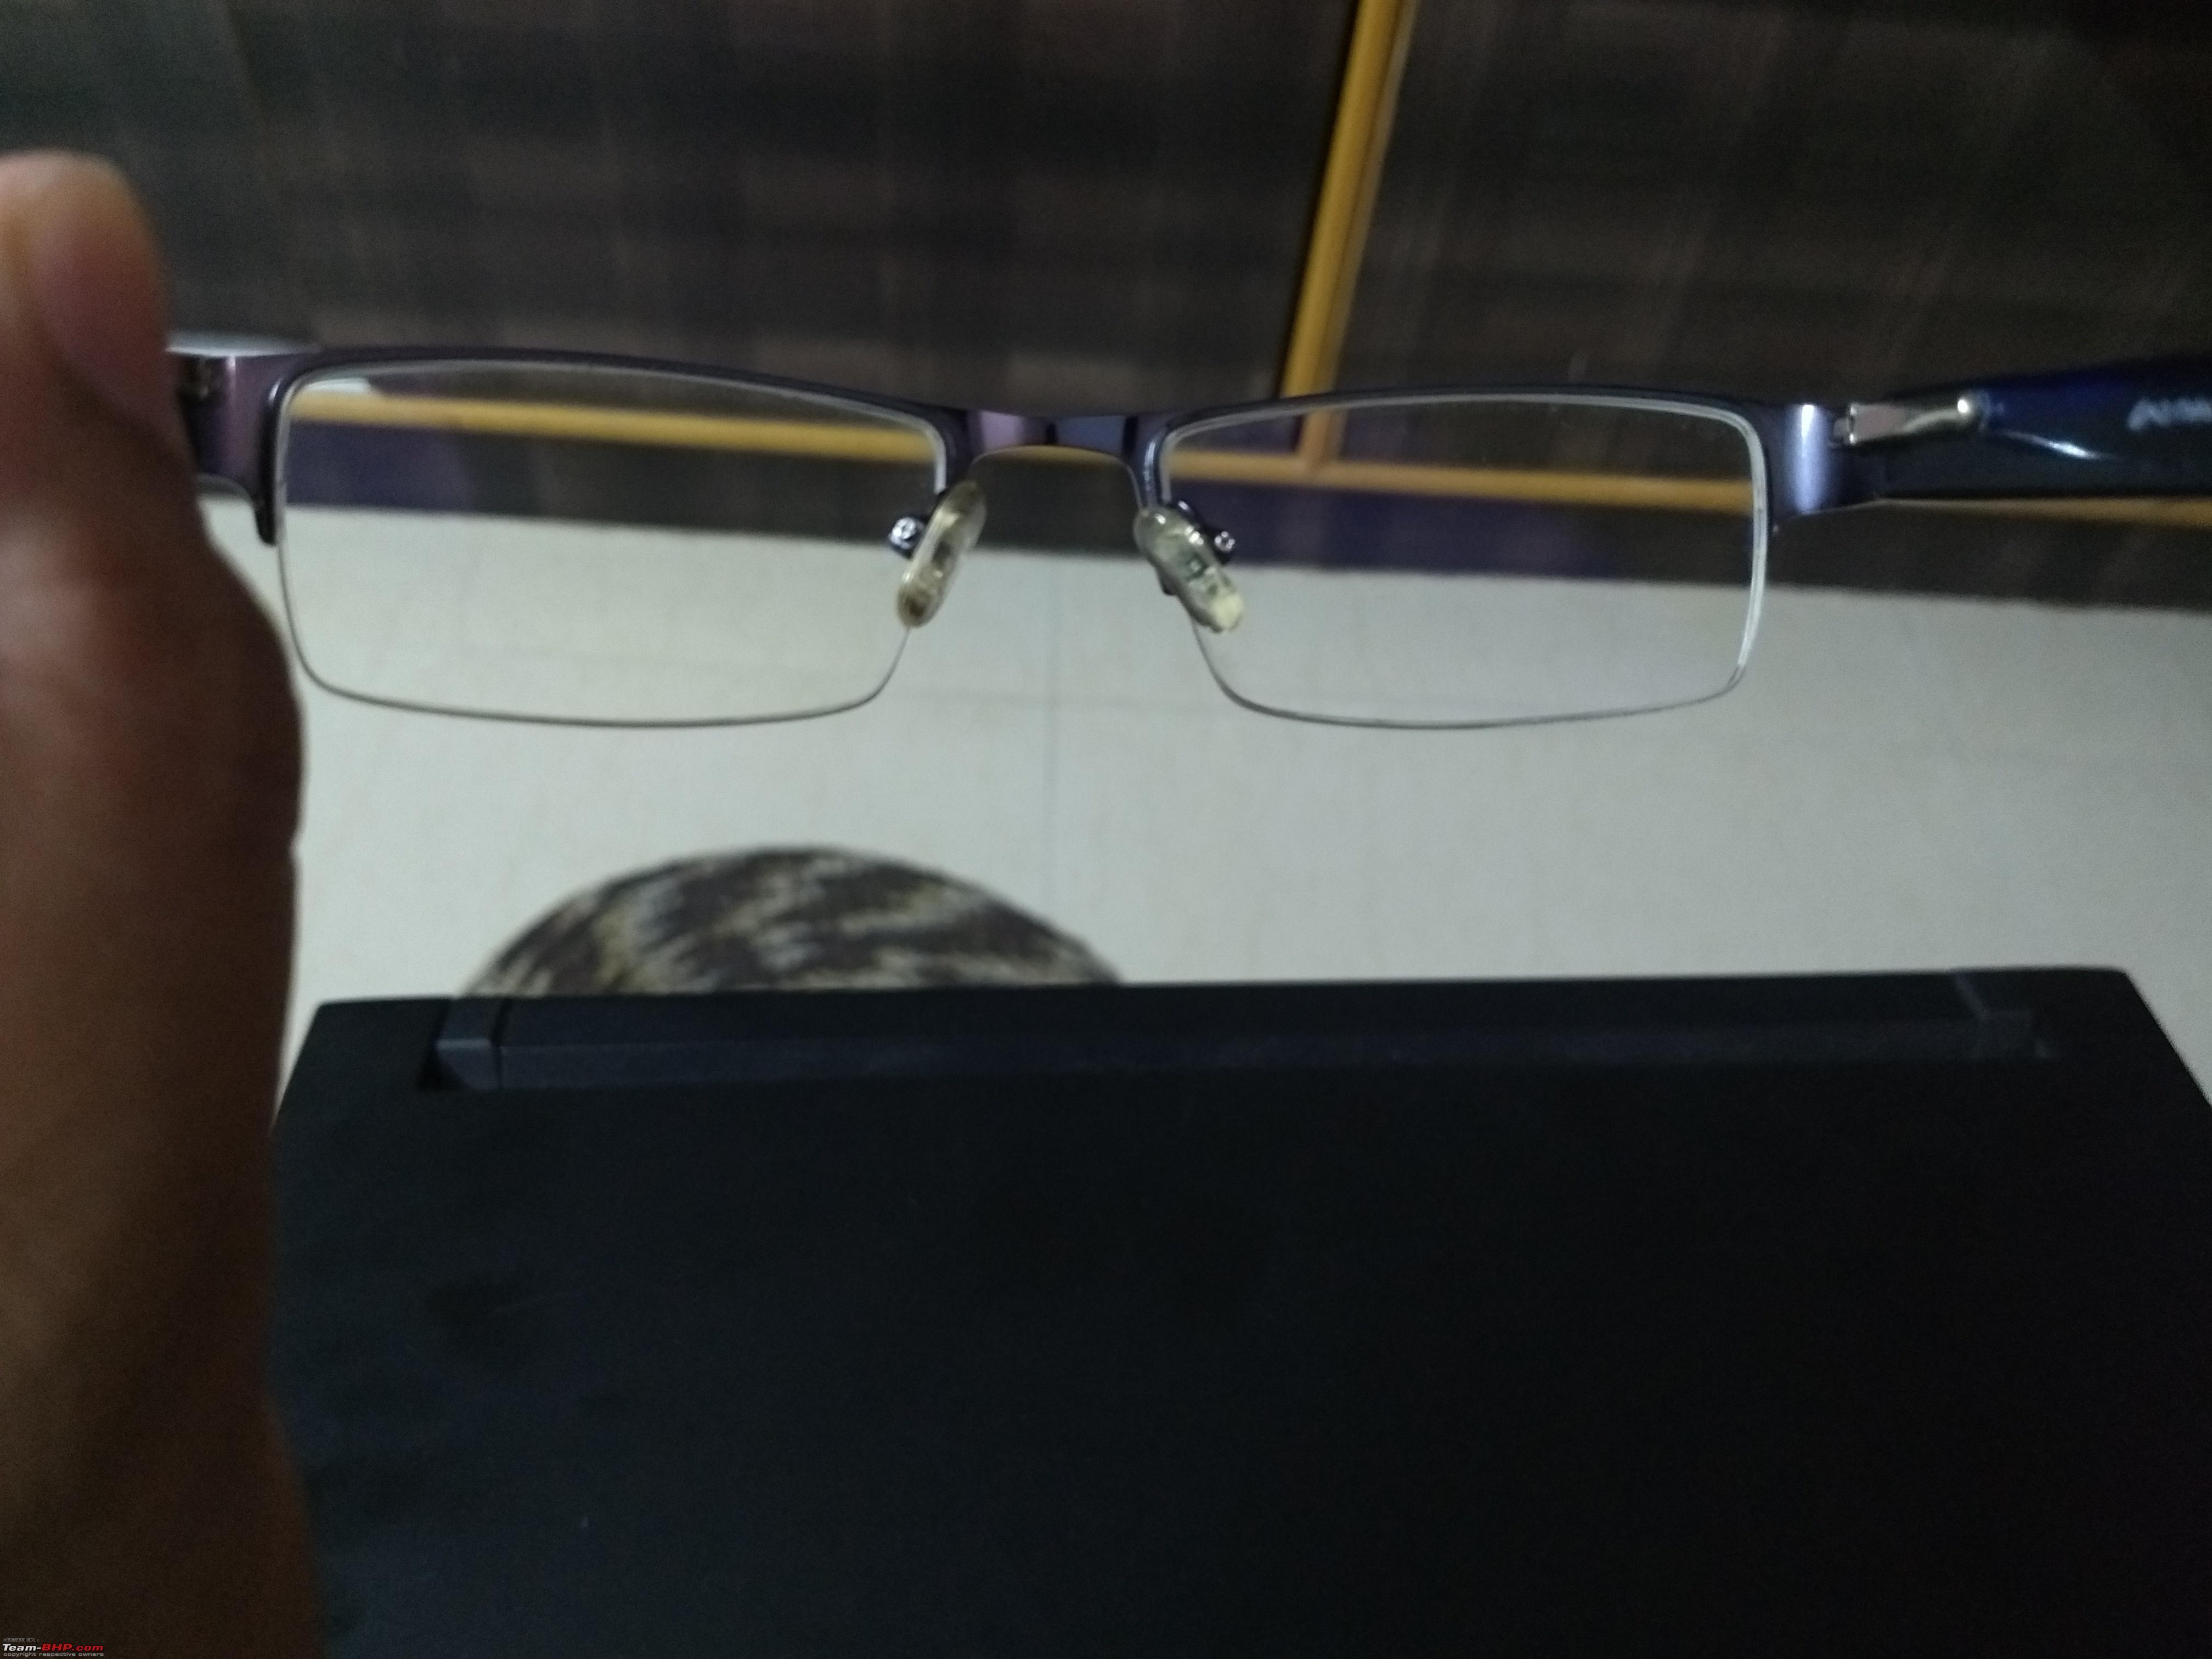 06707b6275d Spectacle lenses for safer night driving-img 20180702 194736036.jpg